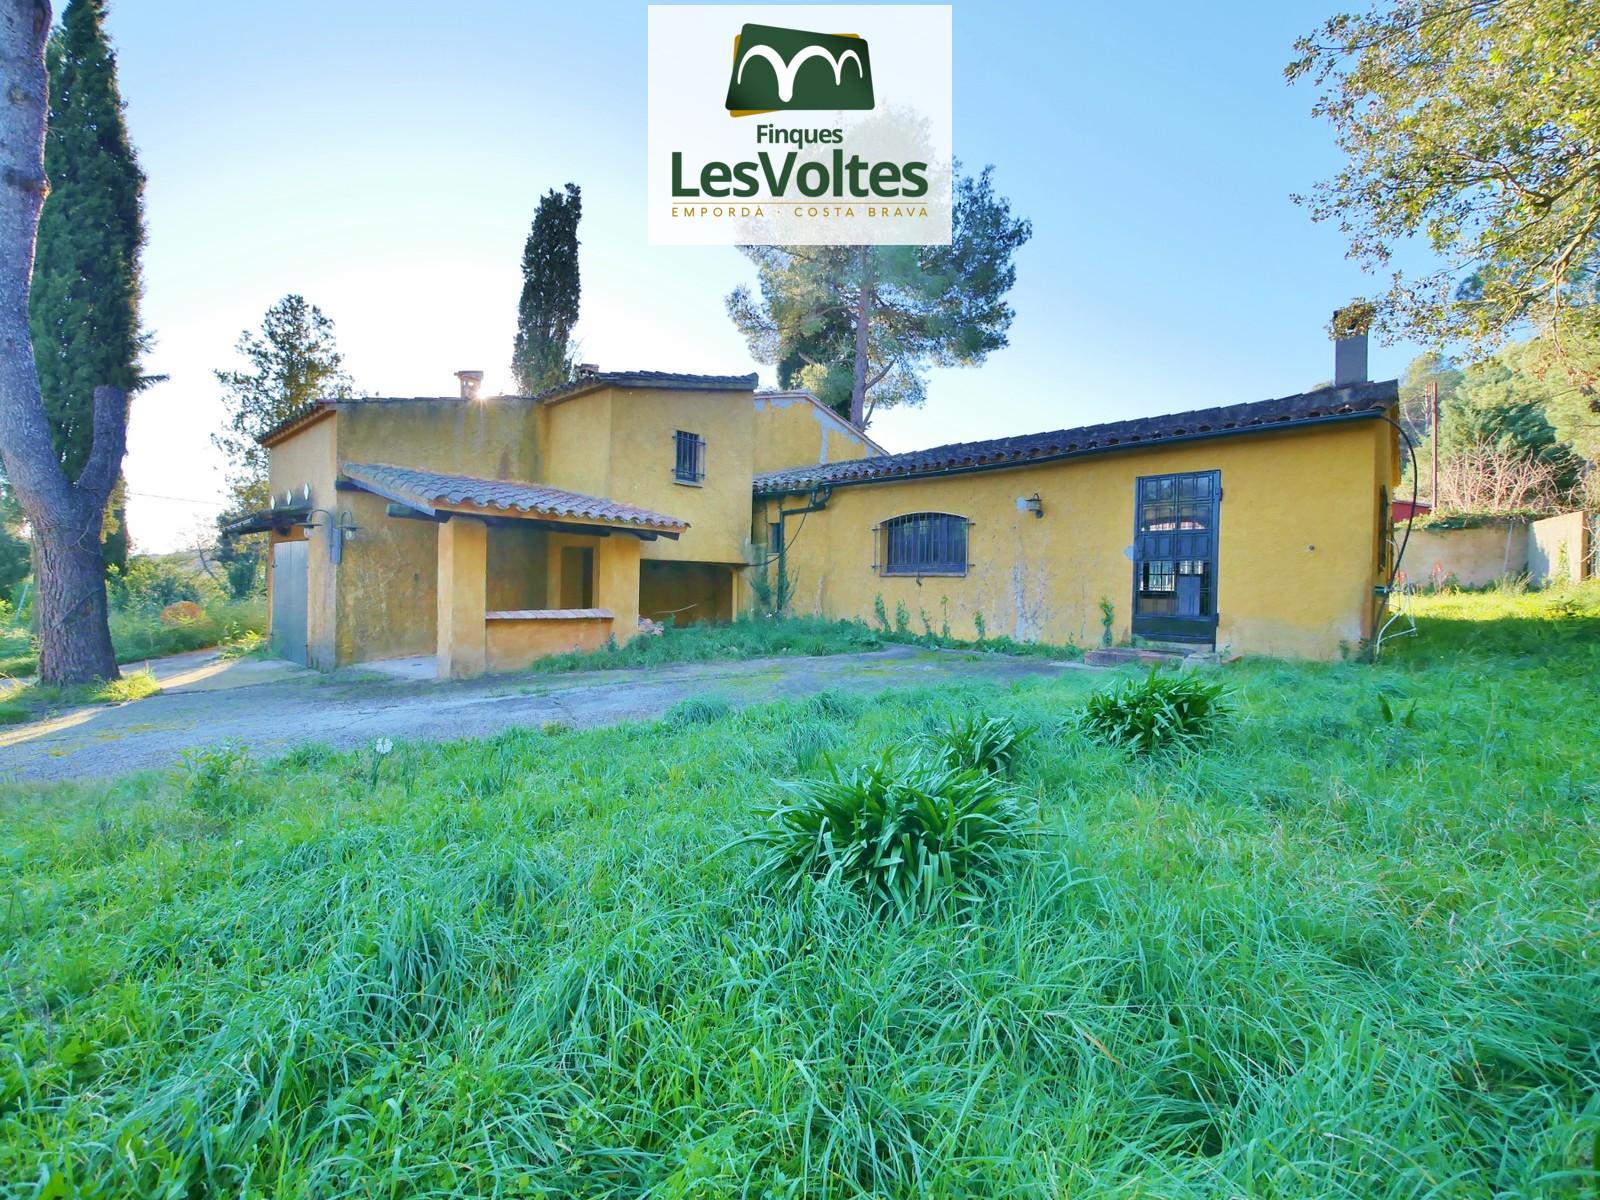 Casa rústica amb terreny en venda a Mont-ras. Situació privilegiada amb vistes.